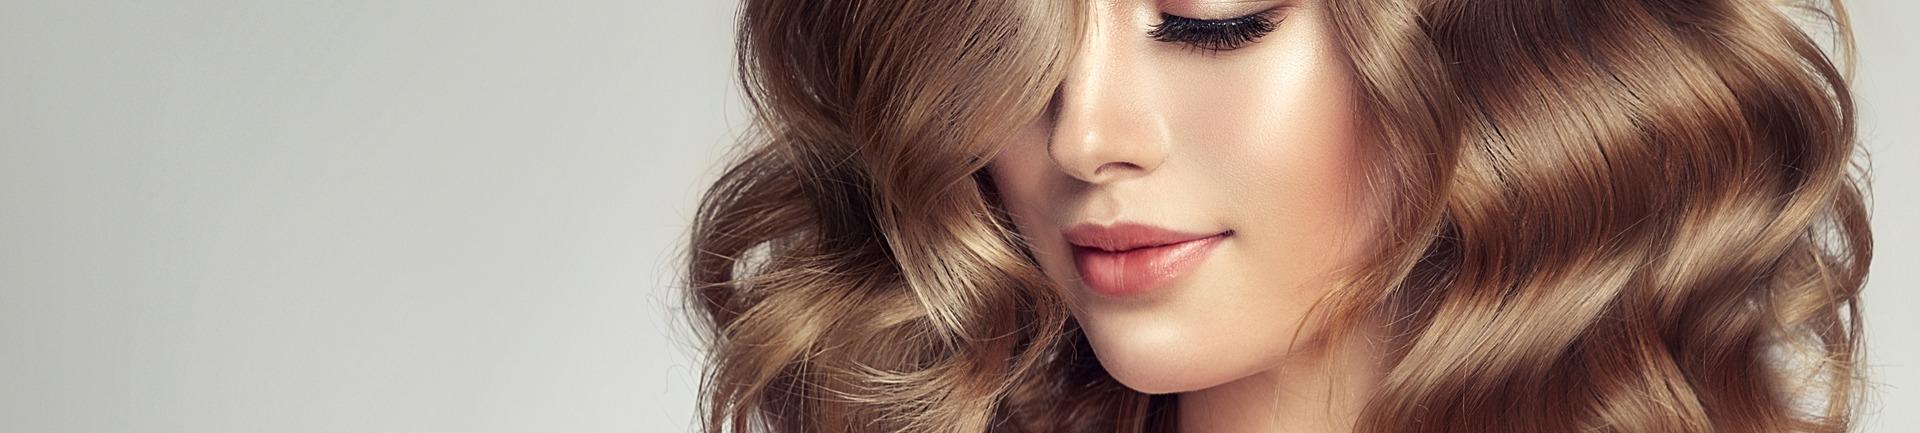 Laser Hair Restoration FAQs - Rejuvenate Medical Spa